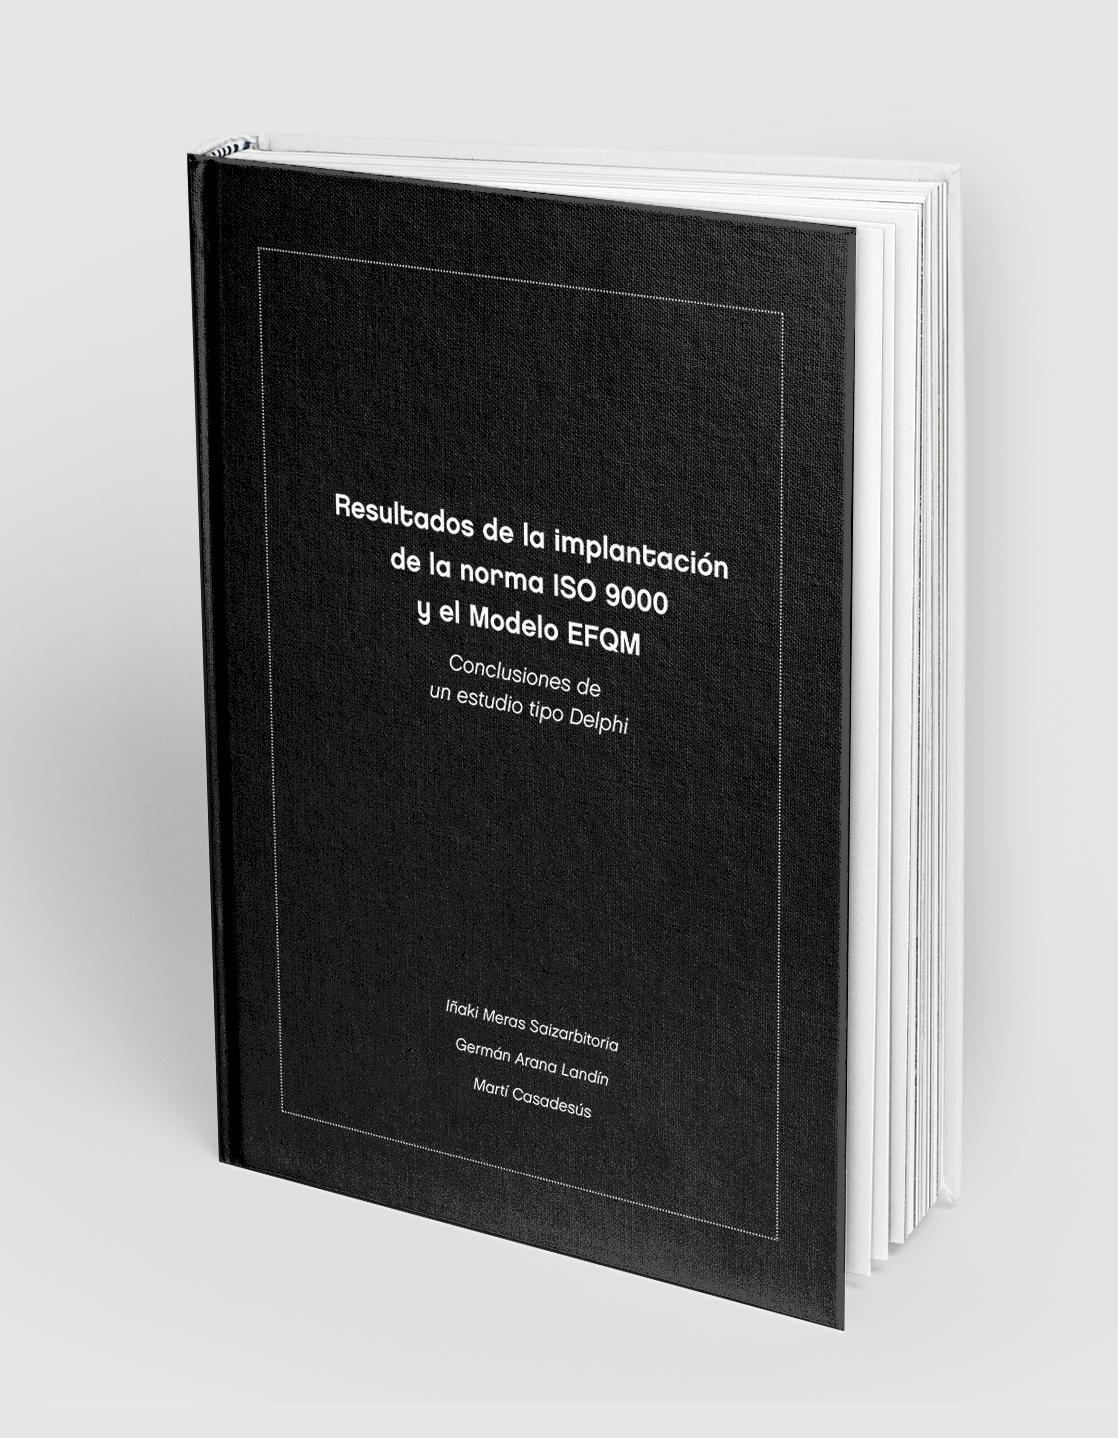 Resultados de la implantación de la norma ISO 9000 y el Modelo EFQM